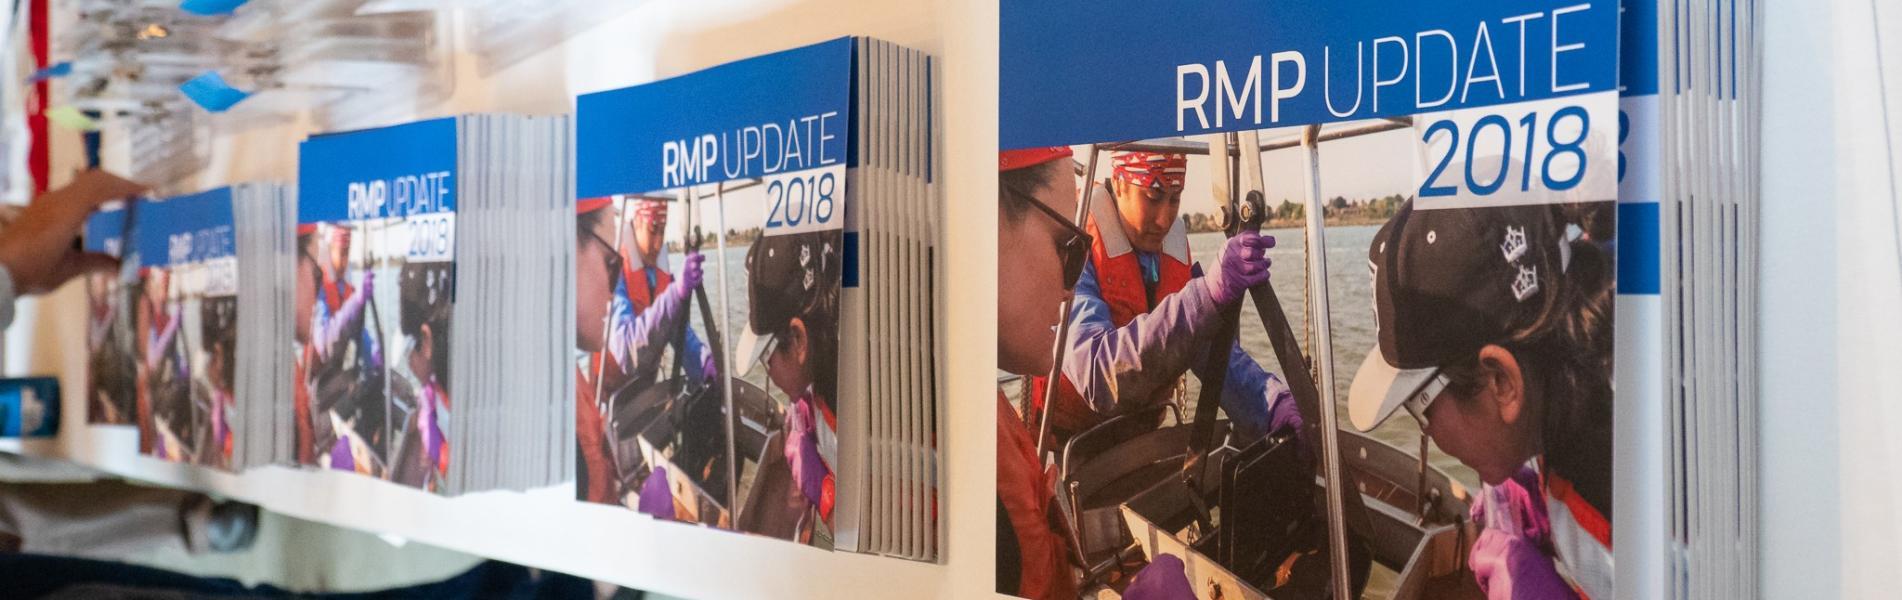 The RMP Update